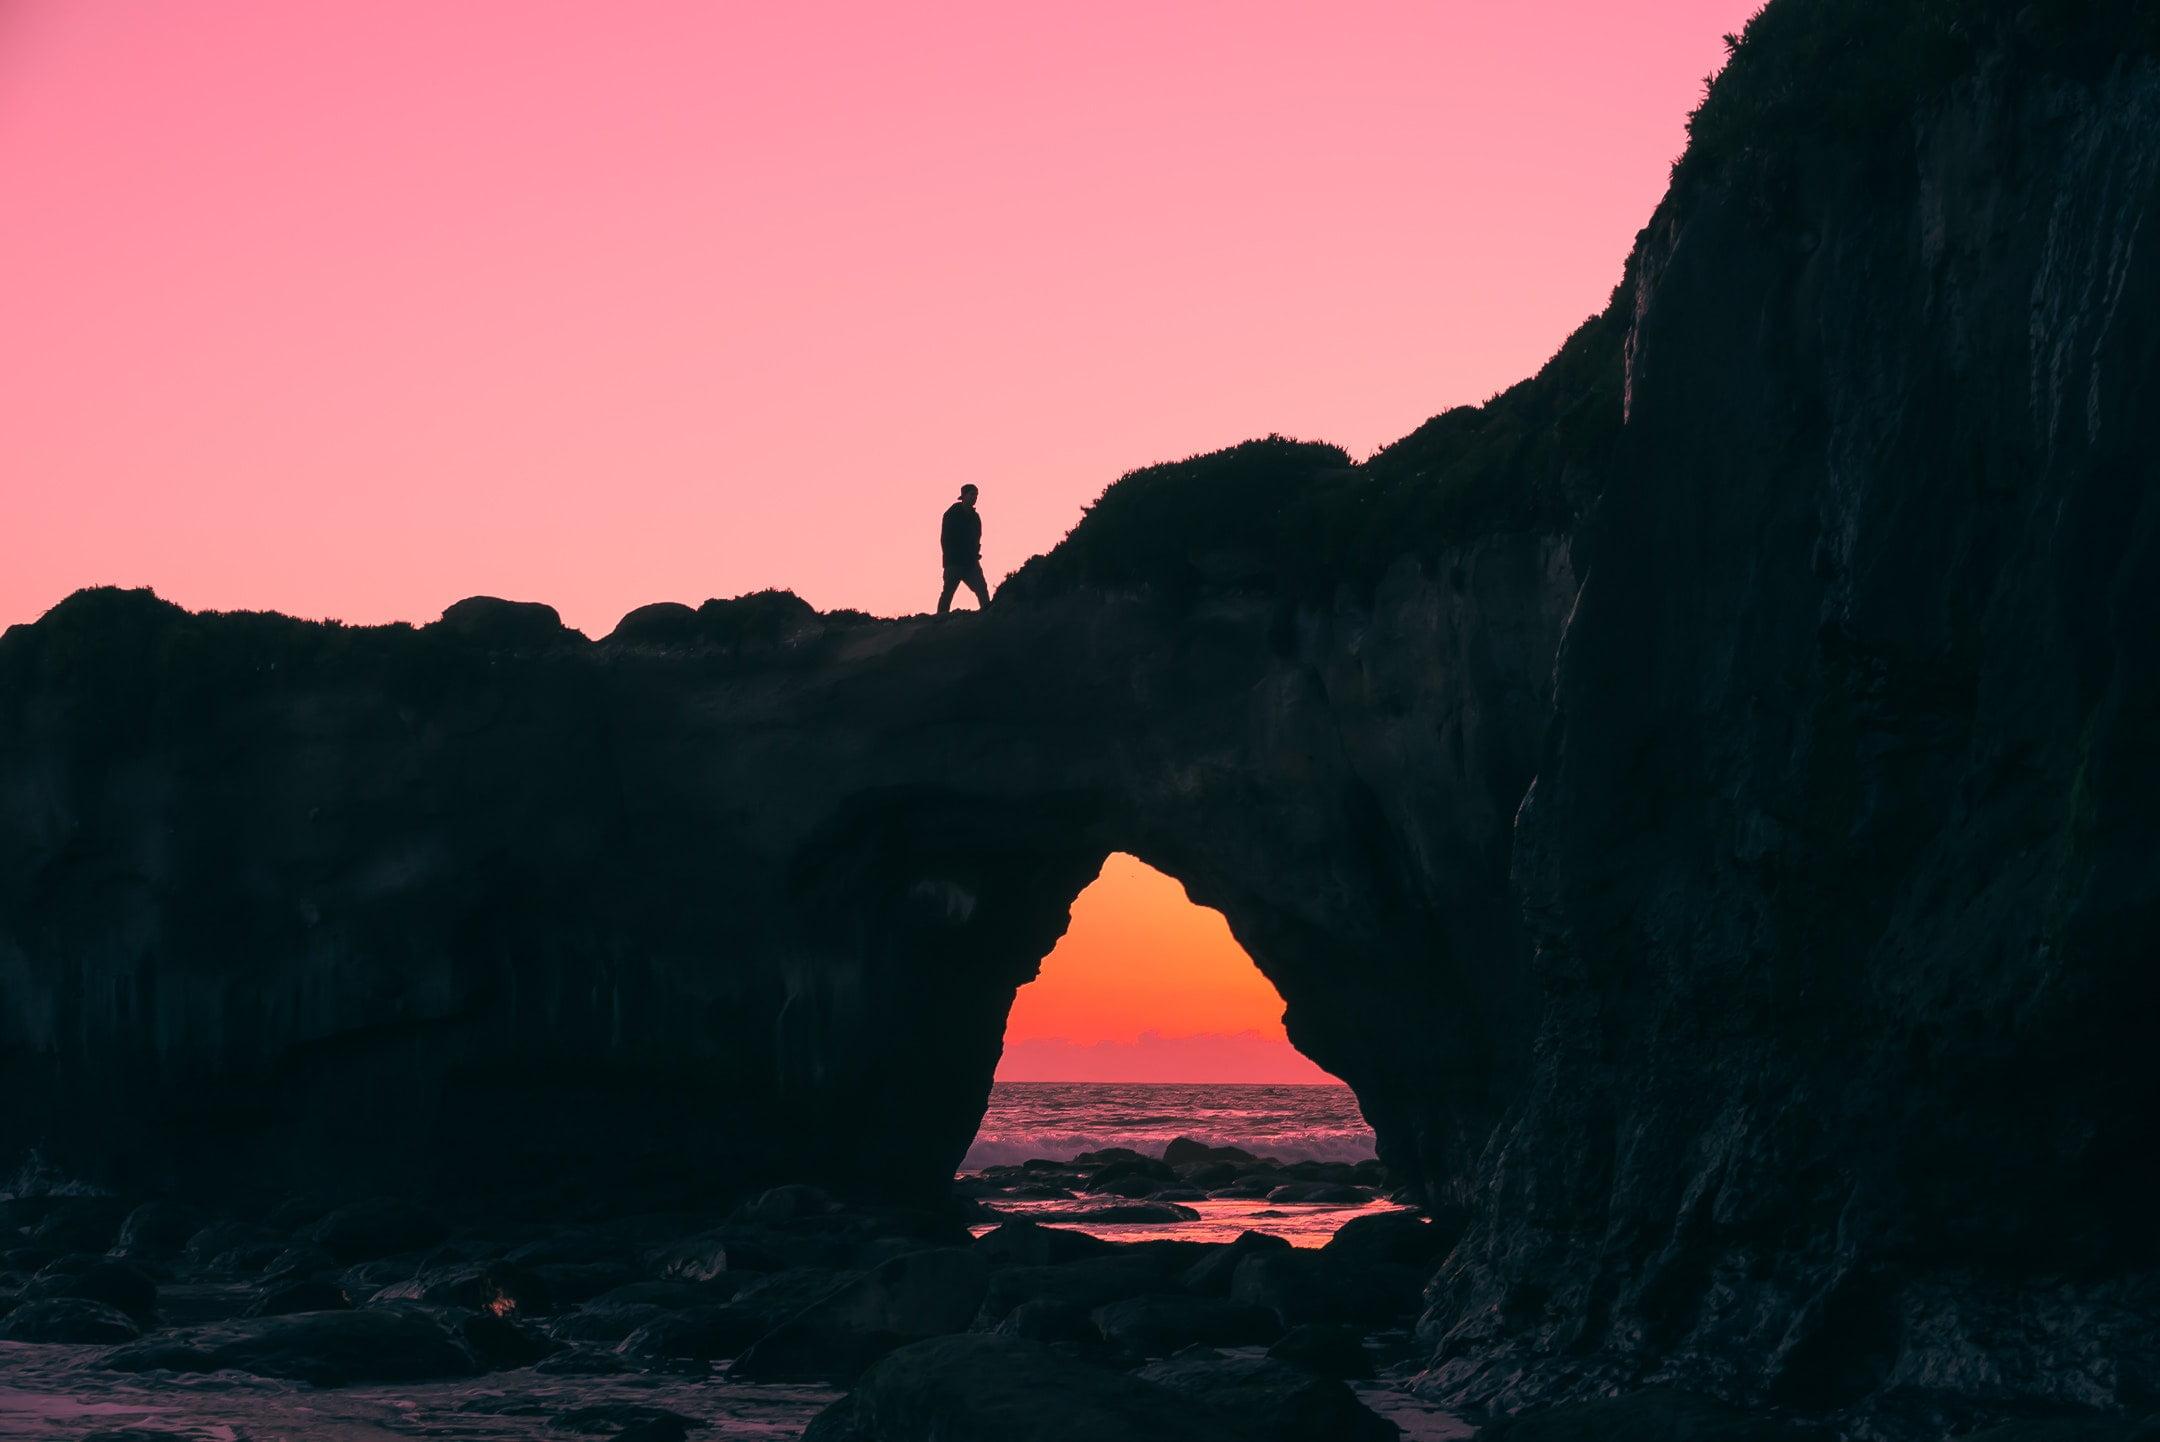 man on rock walking during nightime sunset sea bridge 國民自焚丨子明詩選